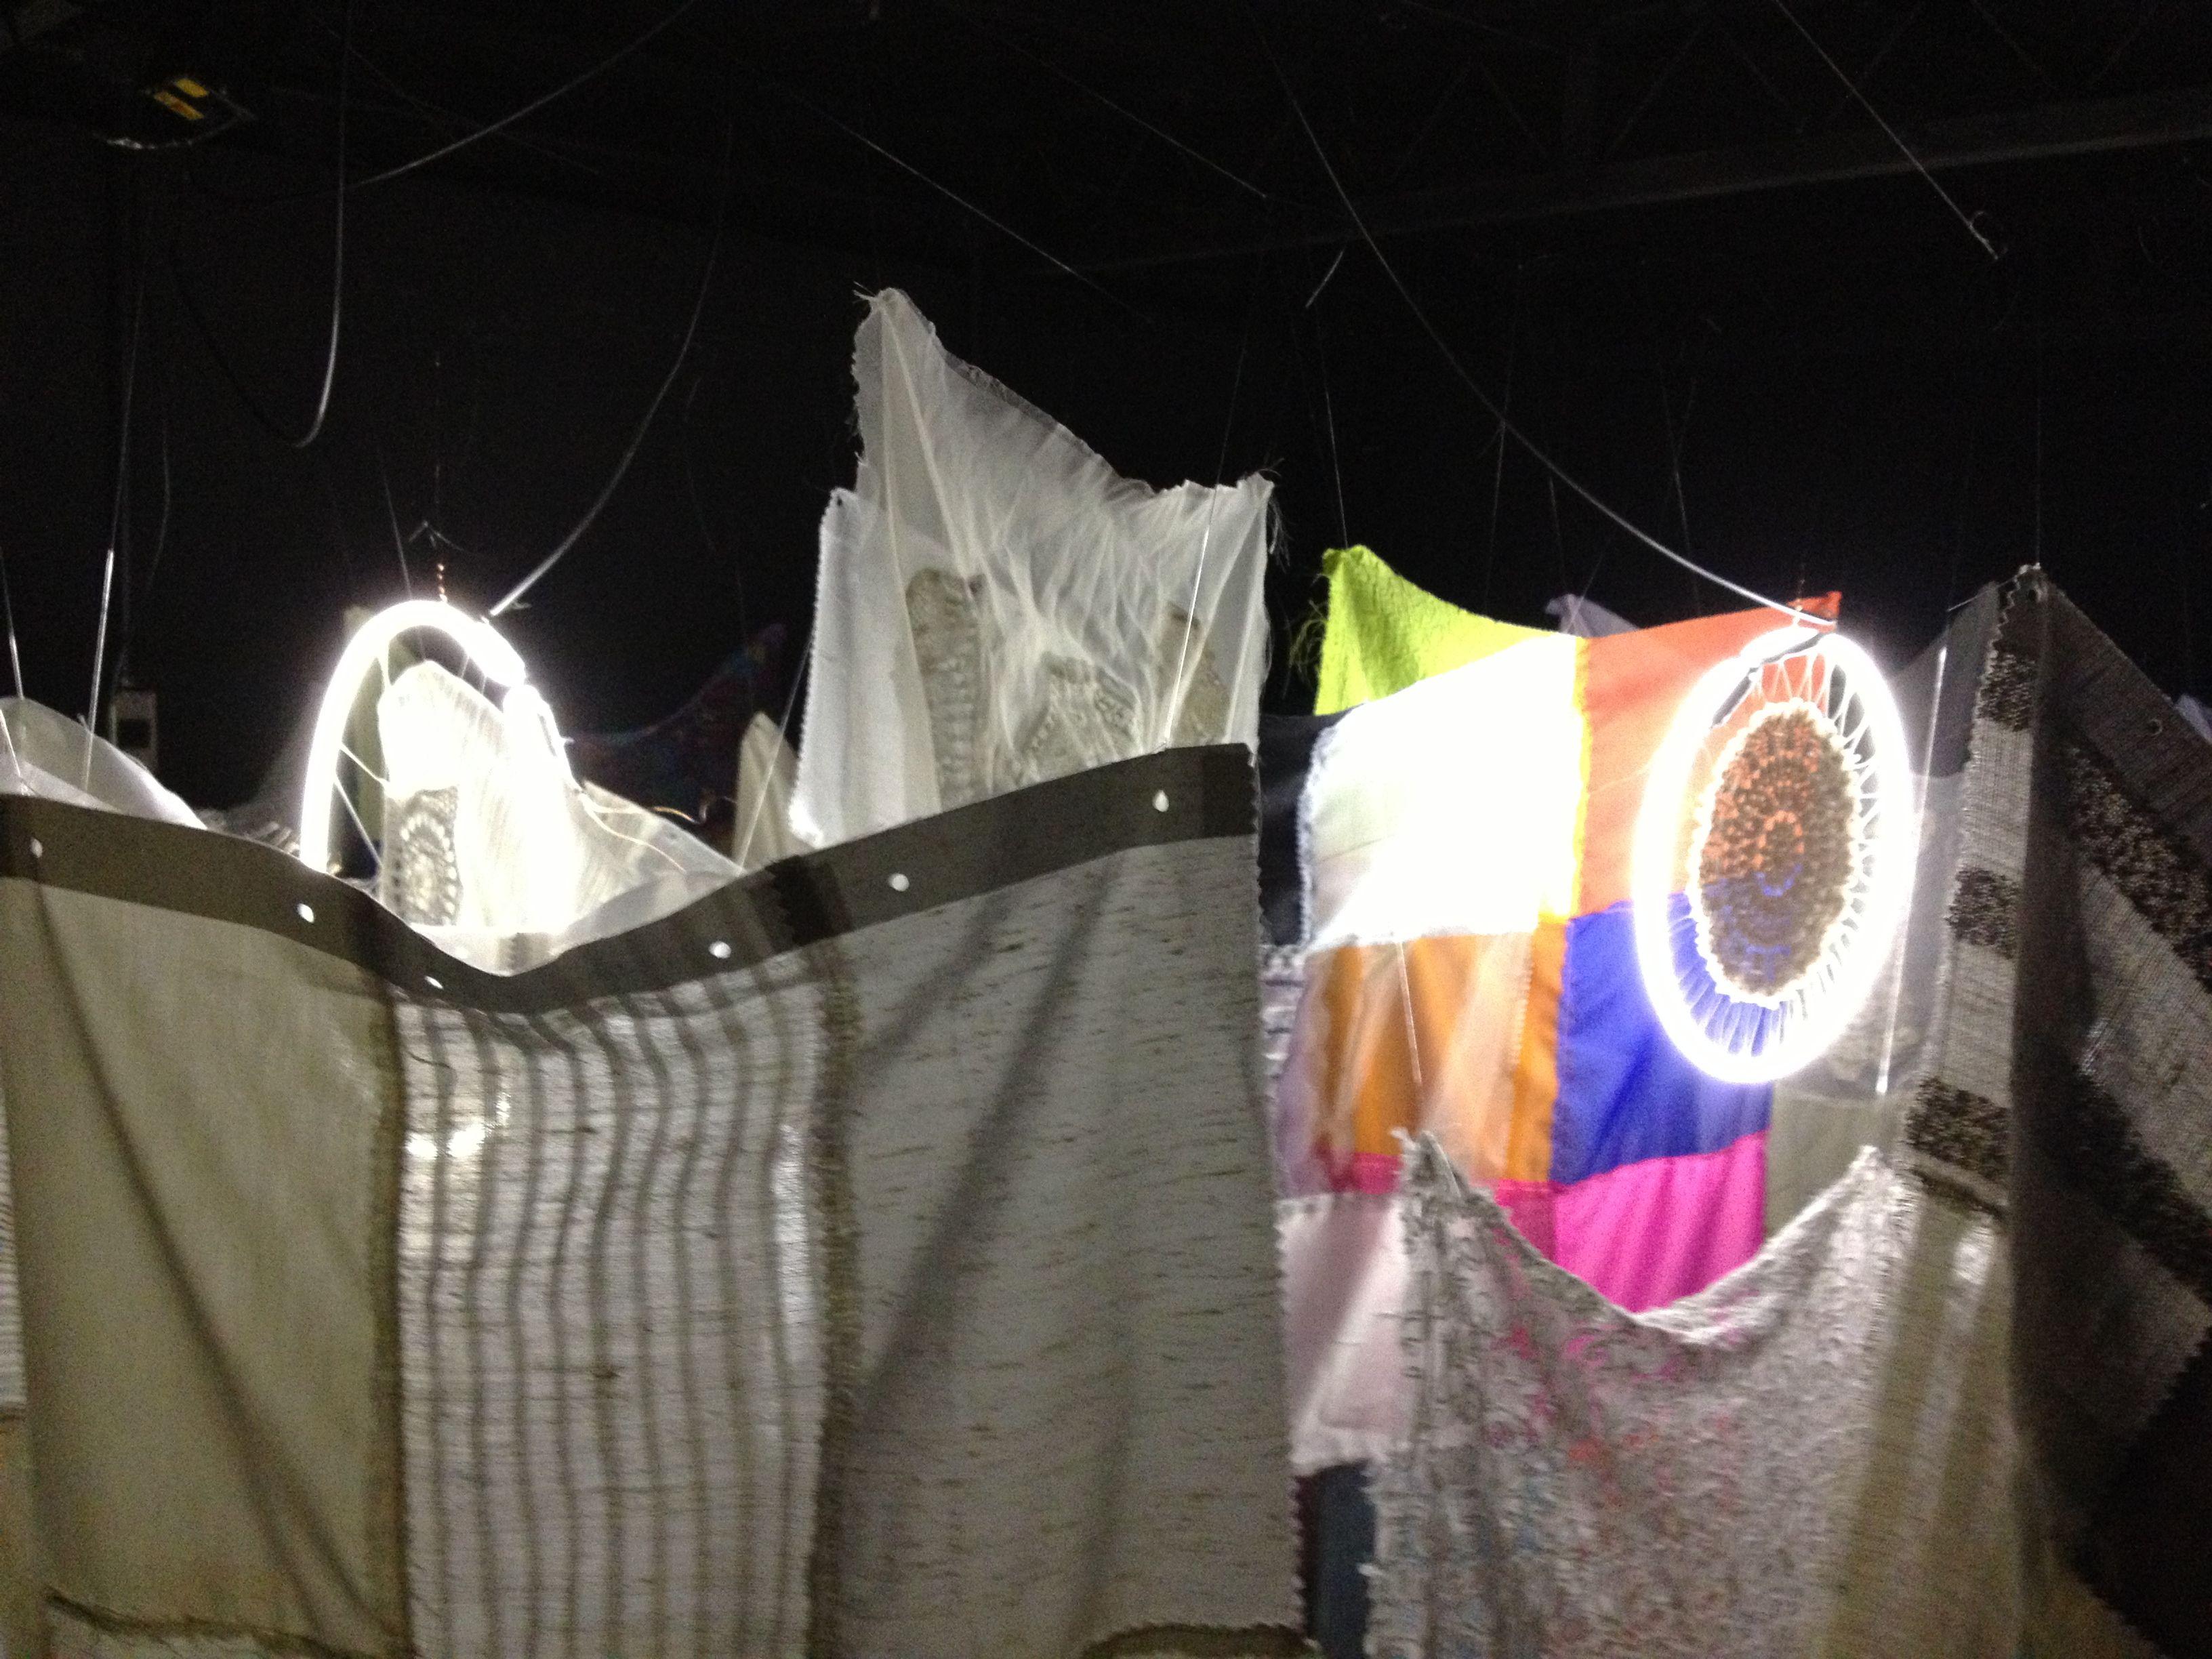 Instalação Ninho da Noiva, 2013